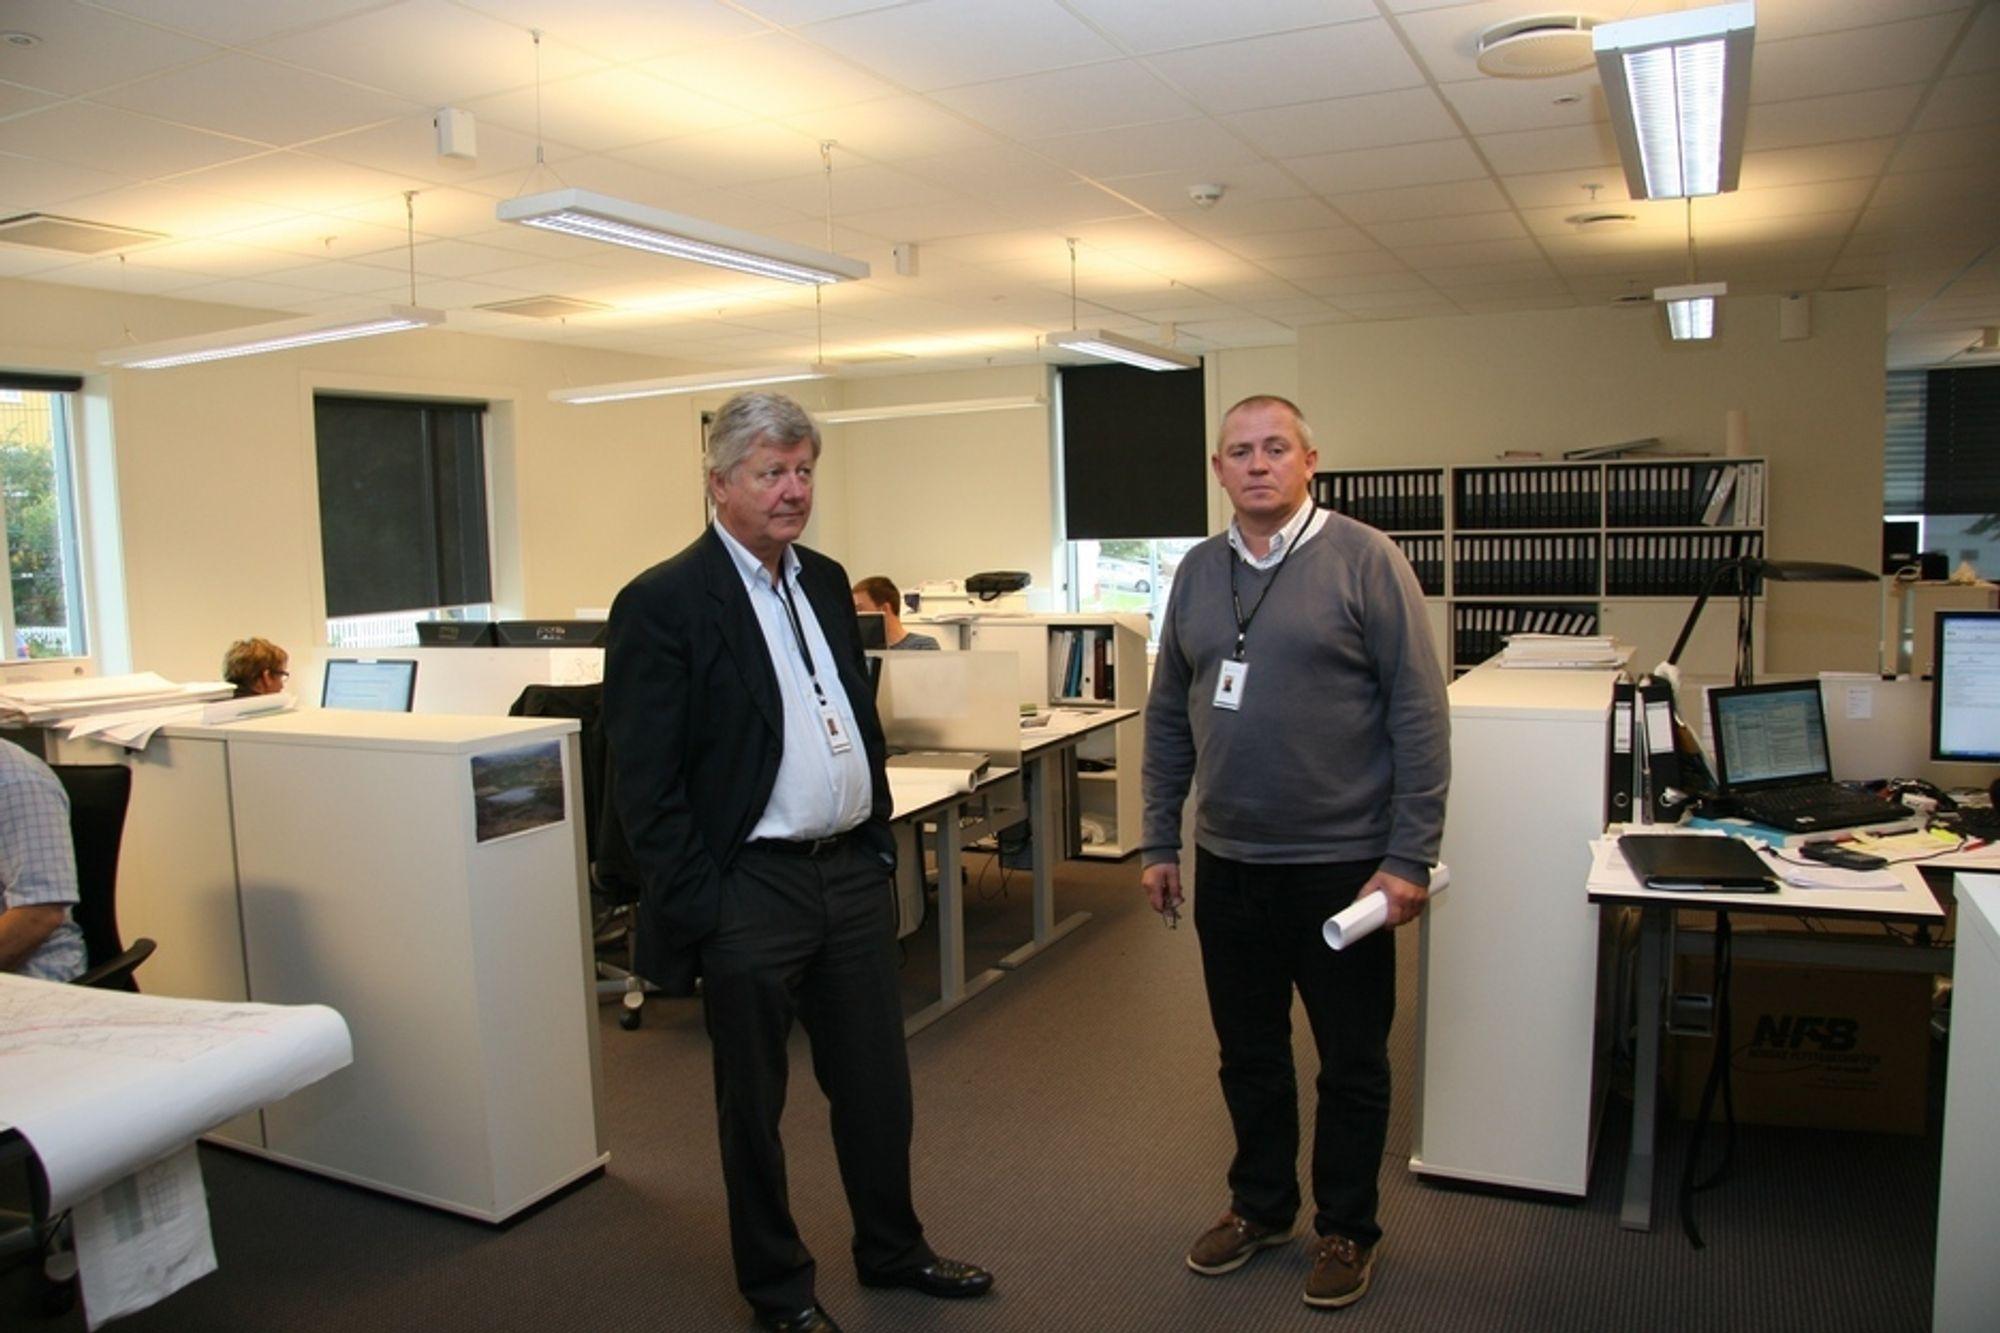 Sikkerhetssjef Tore Gunnar Karlsen (t.h.) i Multiconsult sammen med konsernsjef Håkon Sannum i rommet hvor de bærbare PC-ene ble hentet ut.